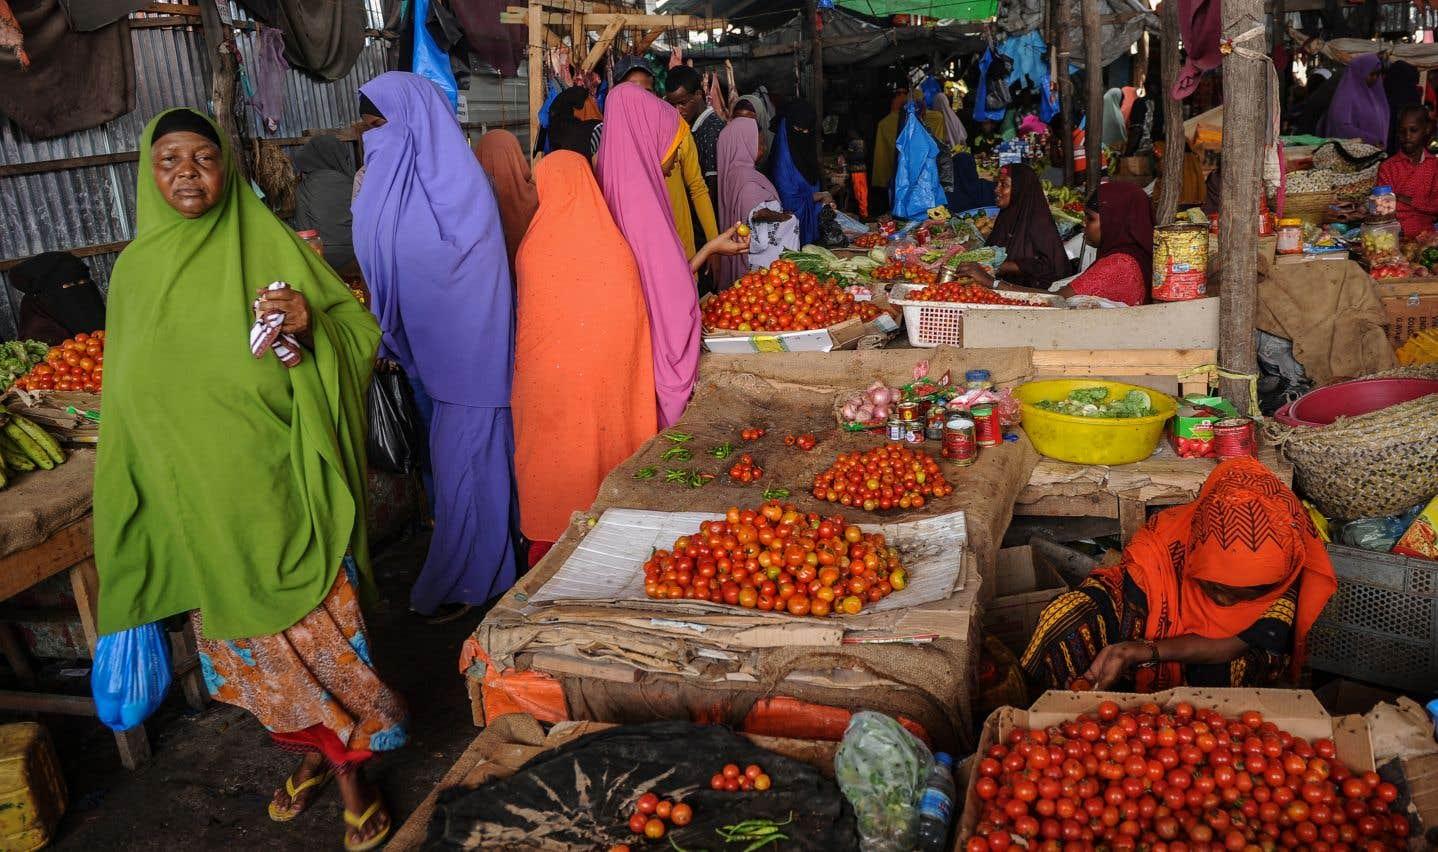 En Somalie, des femmes achètent sur un marché deMogadiscio les aliments qui serviront à préparer le repas qui brisera le ramadan à la fin de cette première journée de jeûne.